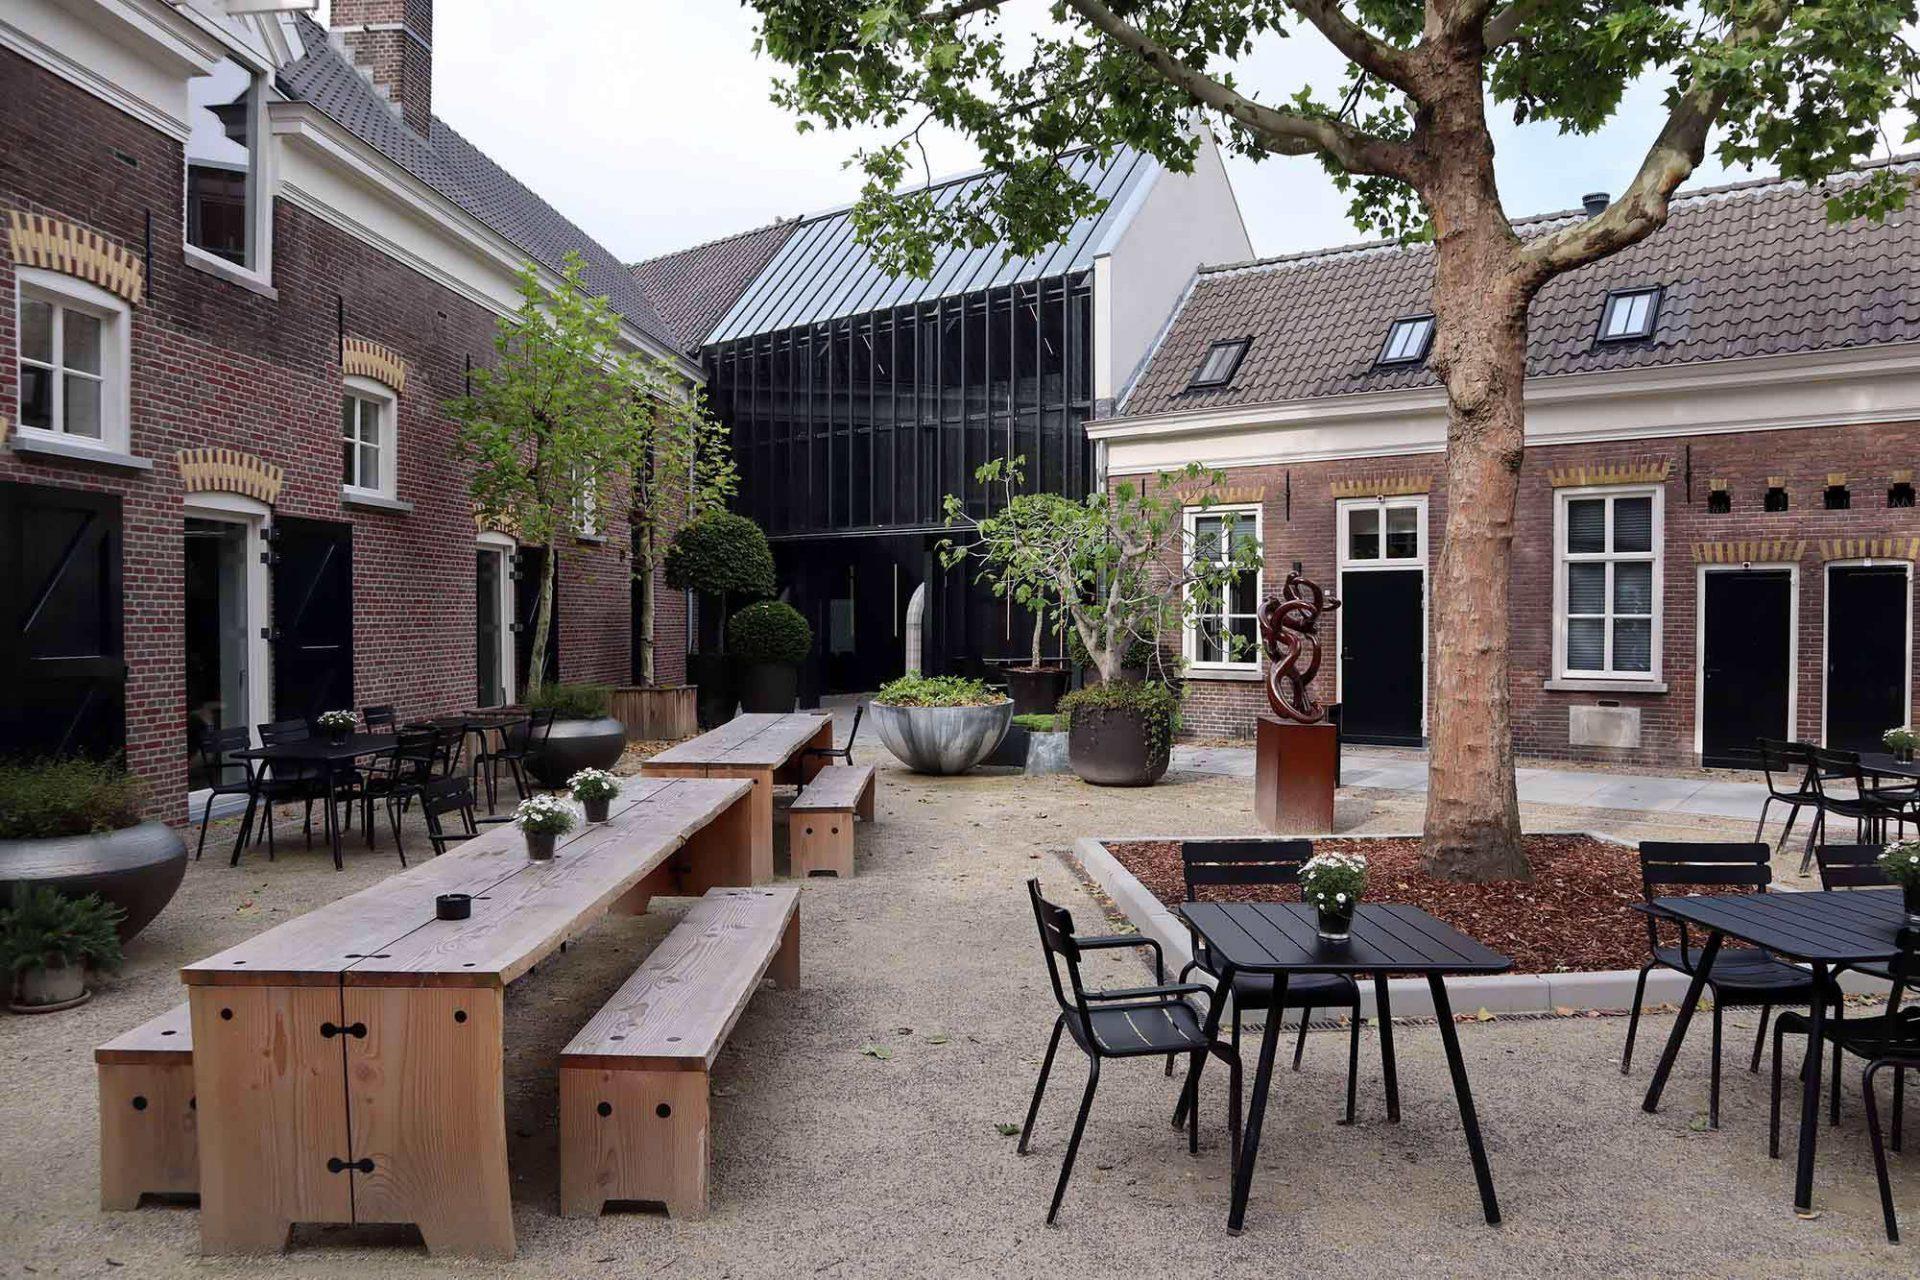 Kazerne. Ein Hybrid aus Galerie, Hotel und Restaurant ...